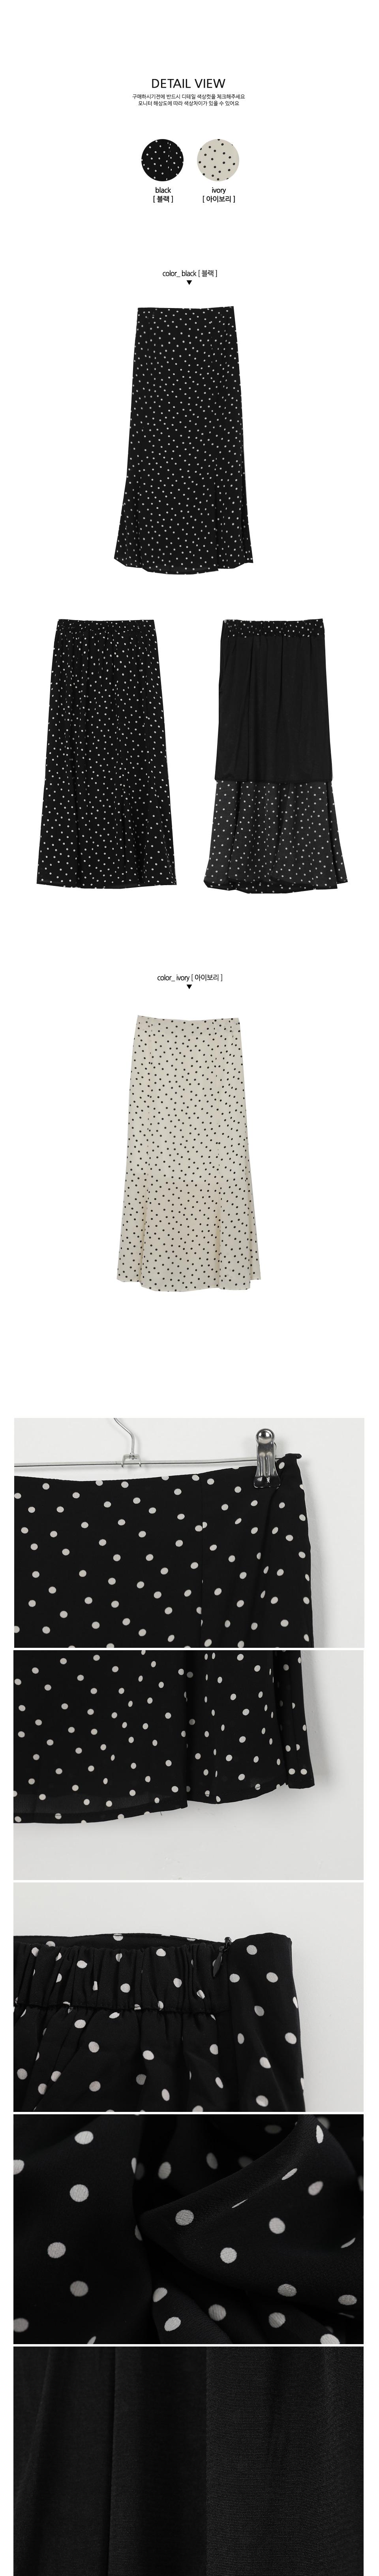 Elion dot long skirt